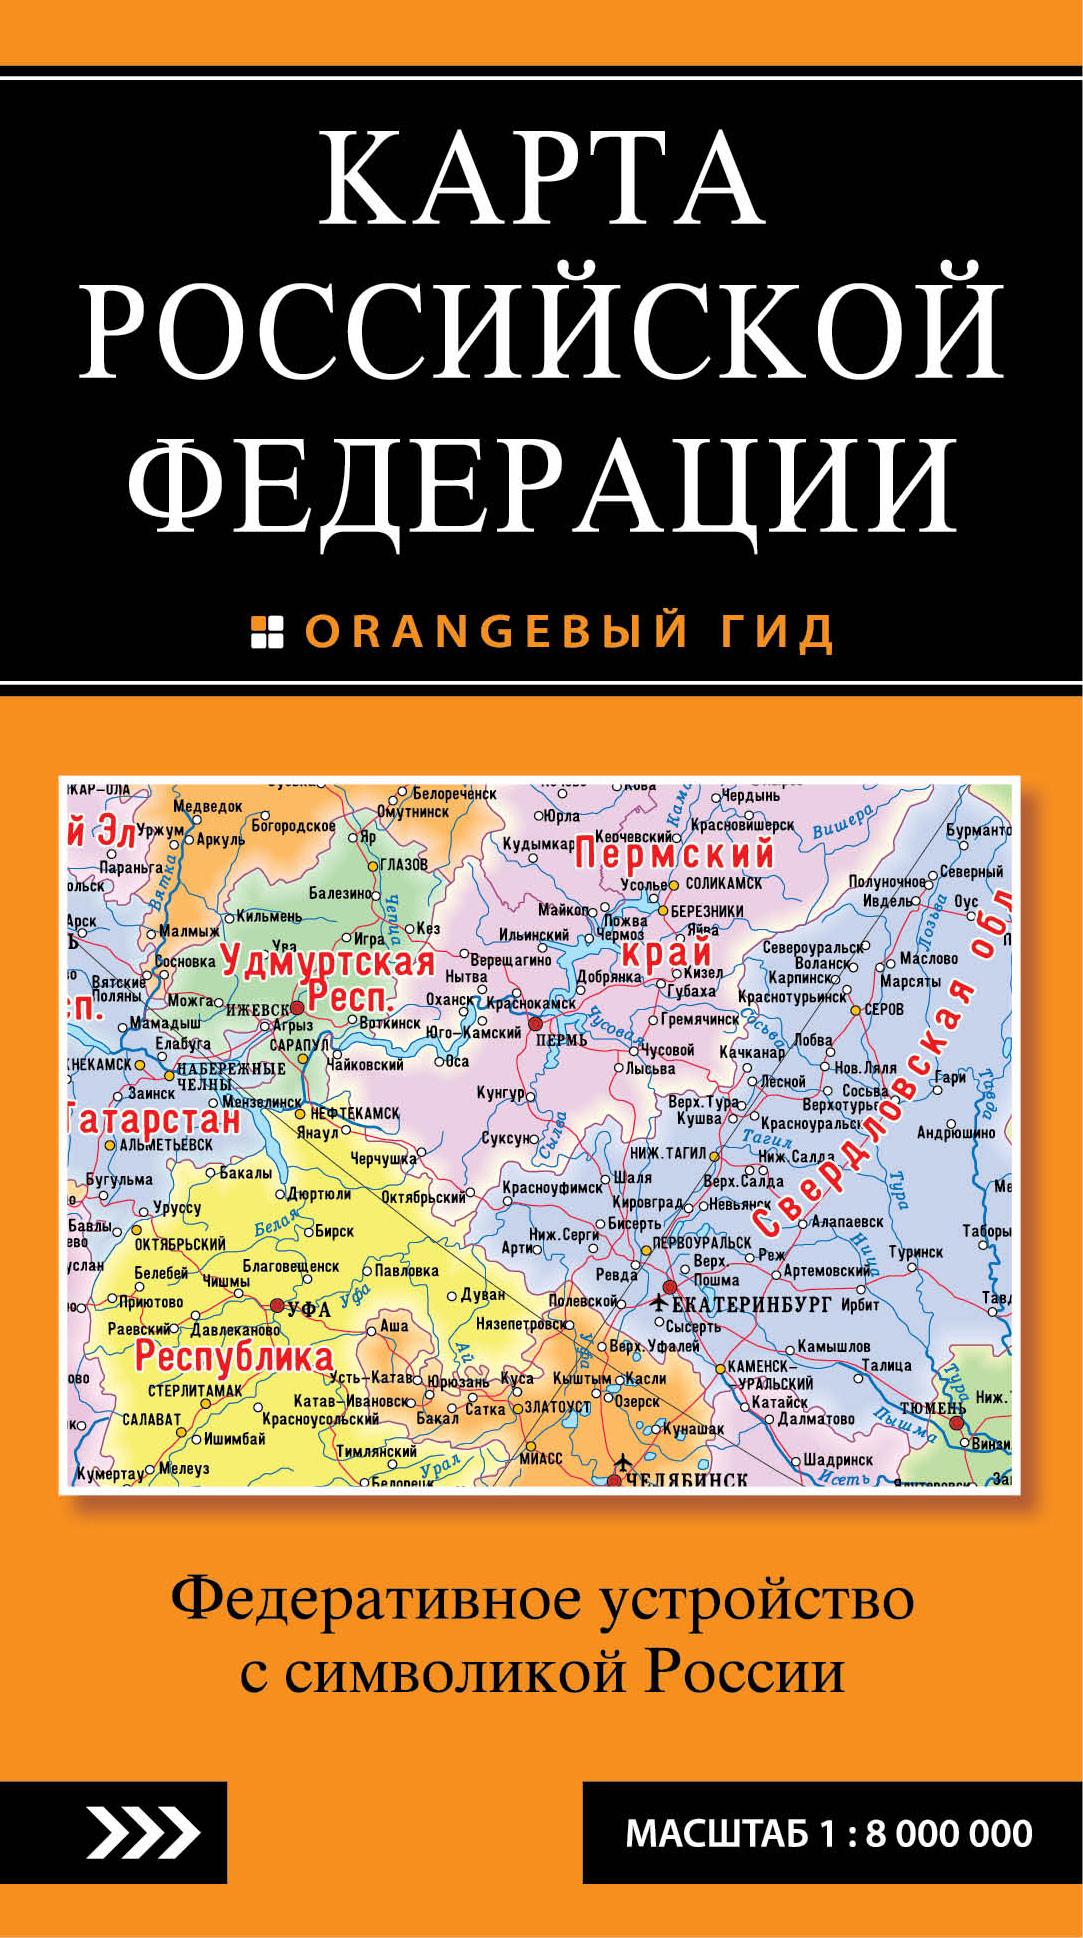 Карта Российской Федерации. Федеративное устройство с символикой России предметы с олимпийской символикой